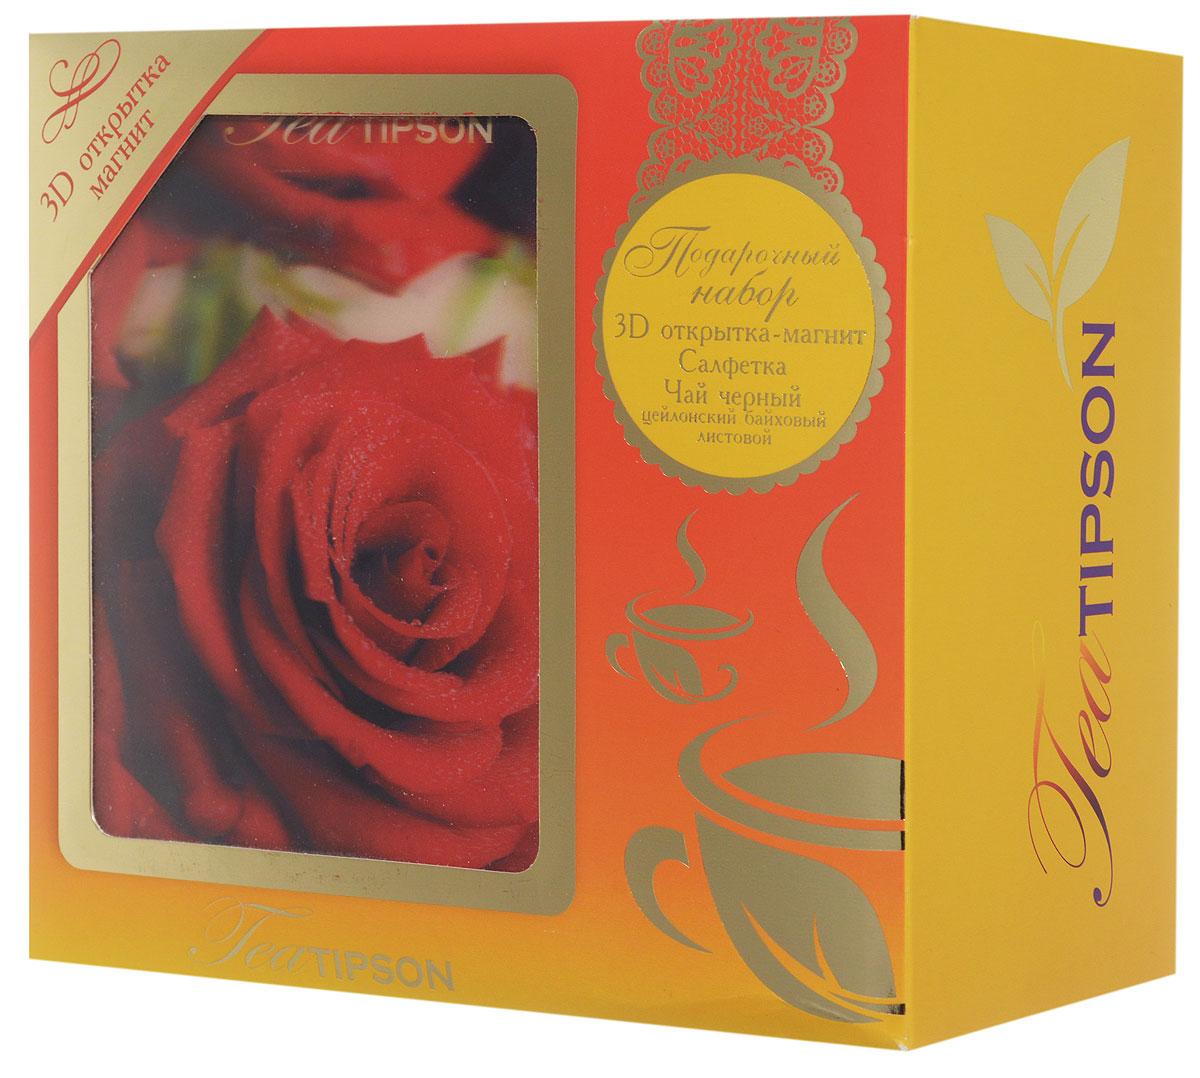 Tipson Подарочный набор Красный черный чай Ceylon №1 с 3D открыткой-магнитом и салфеткой для дома, 85 г10053-00Ищите подарок любимой хозяюшке? Подарите отличный набор Tipson Красный в красочной упаковке из дизайнерского картона и ярким принтом. В комплект с упаковкой традиционного чая Tipson Ceylon №1 входит нужная в каждом доме яркая салфетка из 100% хлопка, а также яркая, переливающаяся 3D-открытка, которую можно повесить на холодильник и которая будет напоминать о вас круглый год.Размер открытки: 120 x 155 ммРазмер салфетки: 300 x 300 мм